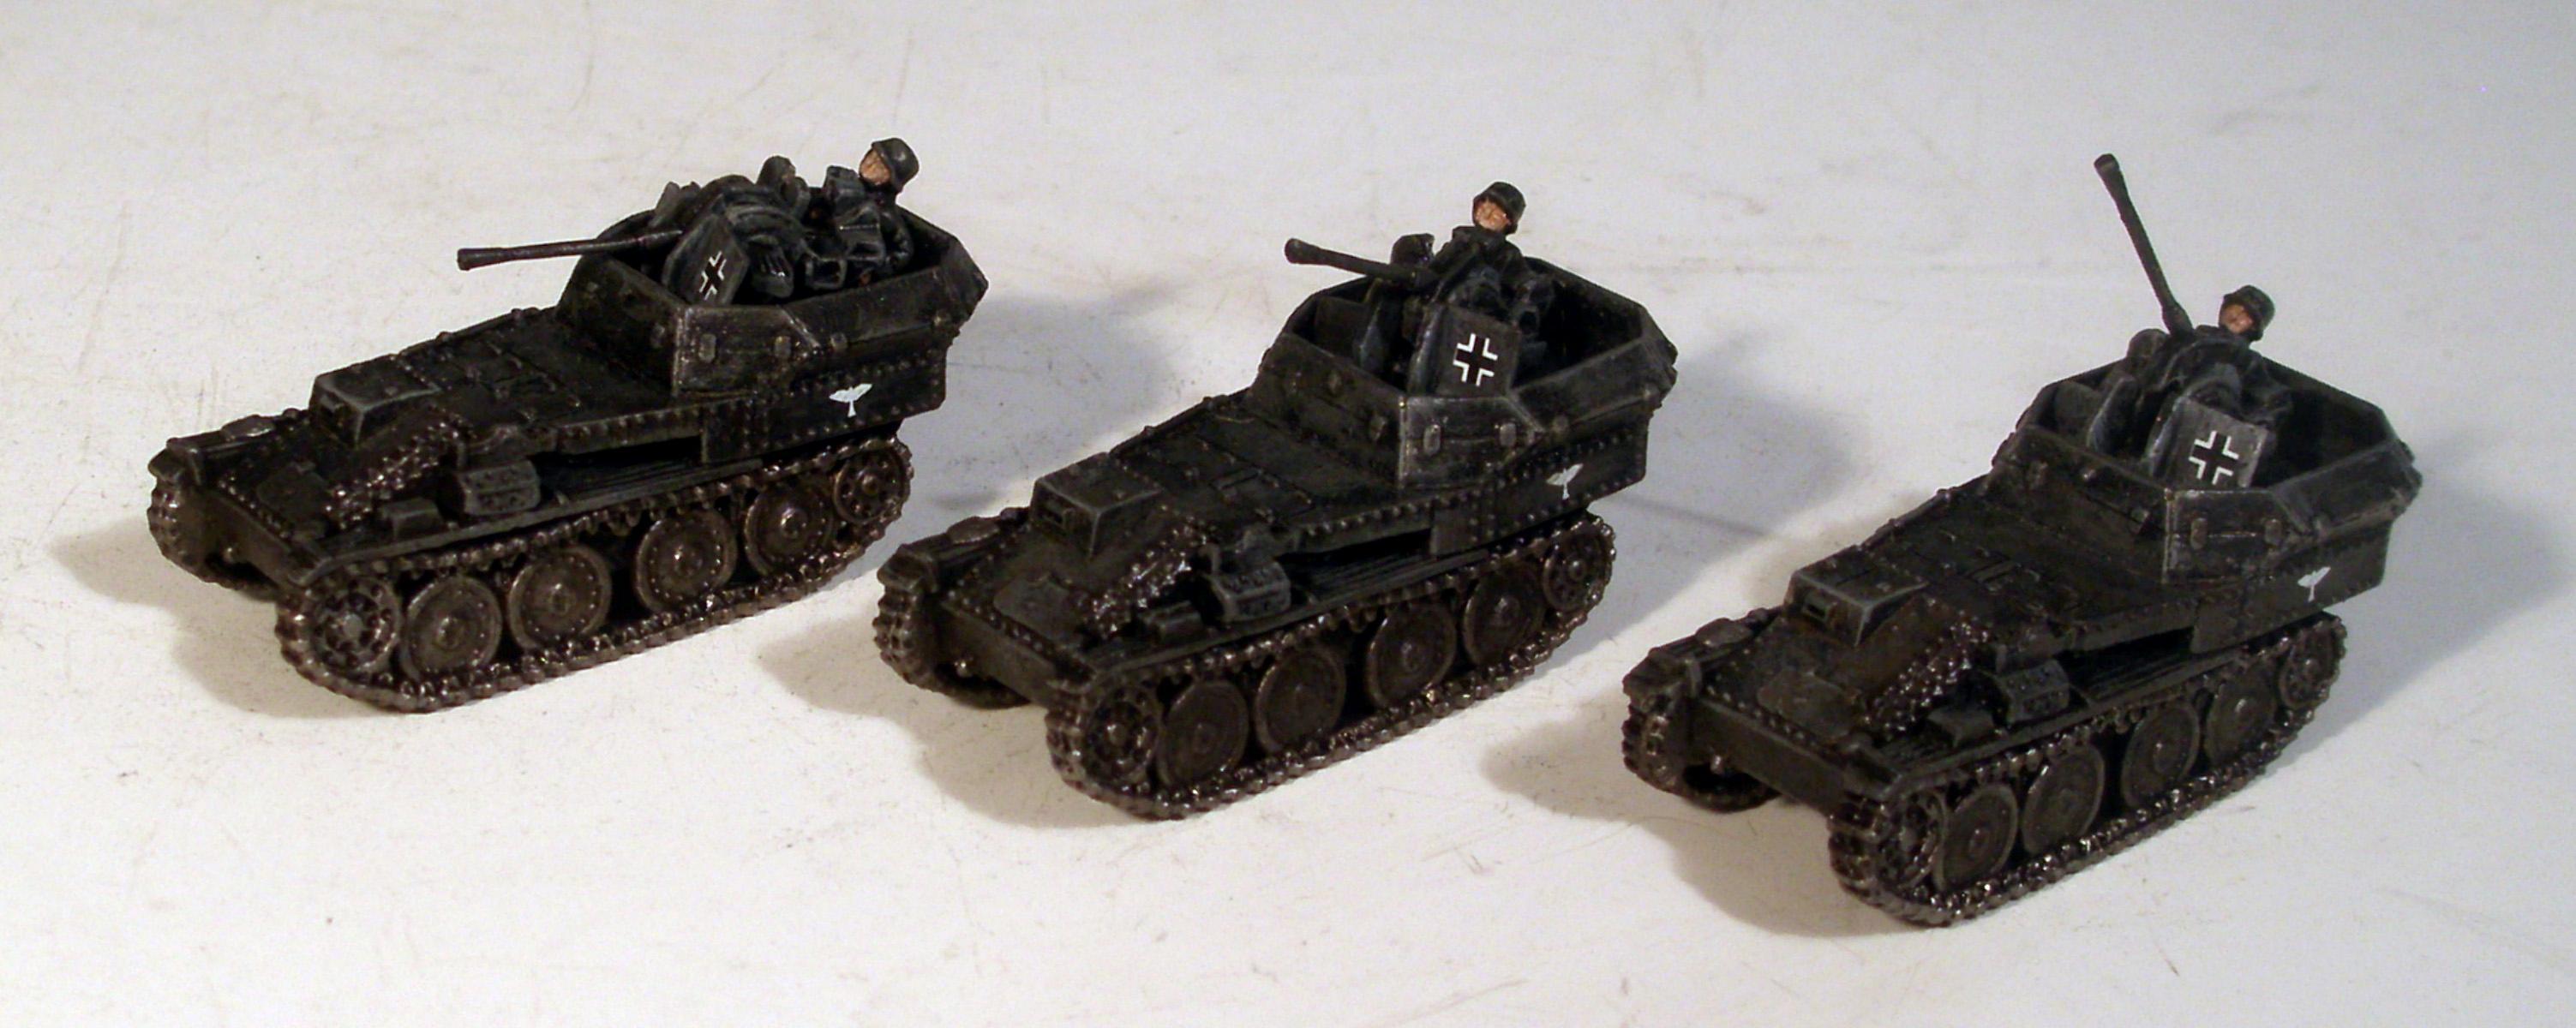 Flak, Flames Of War, Germans, Panzer